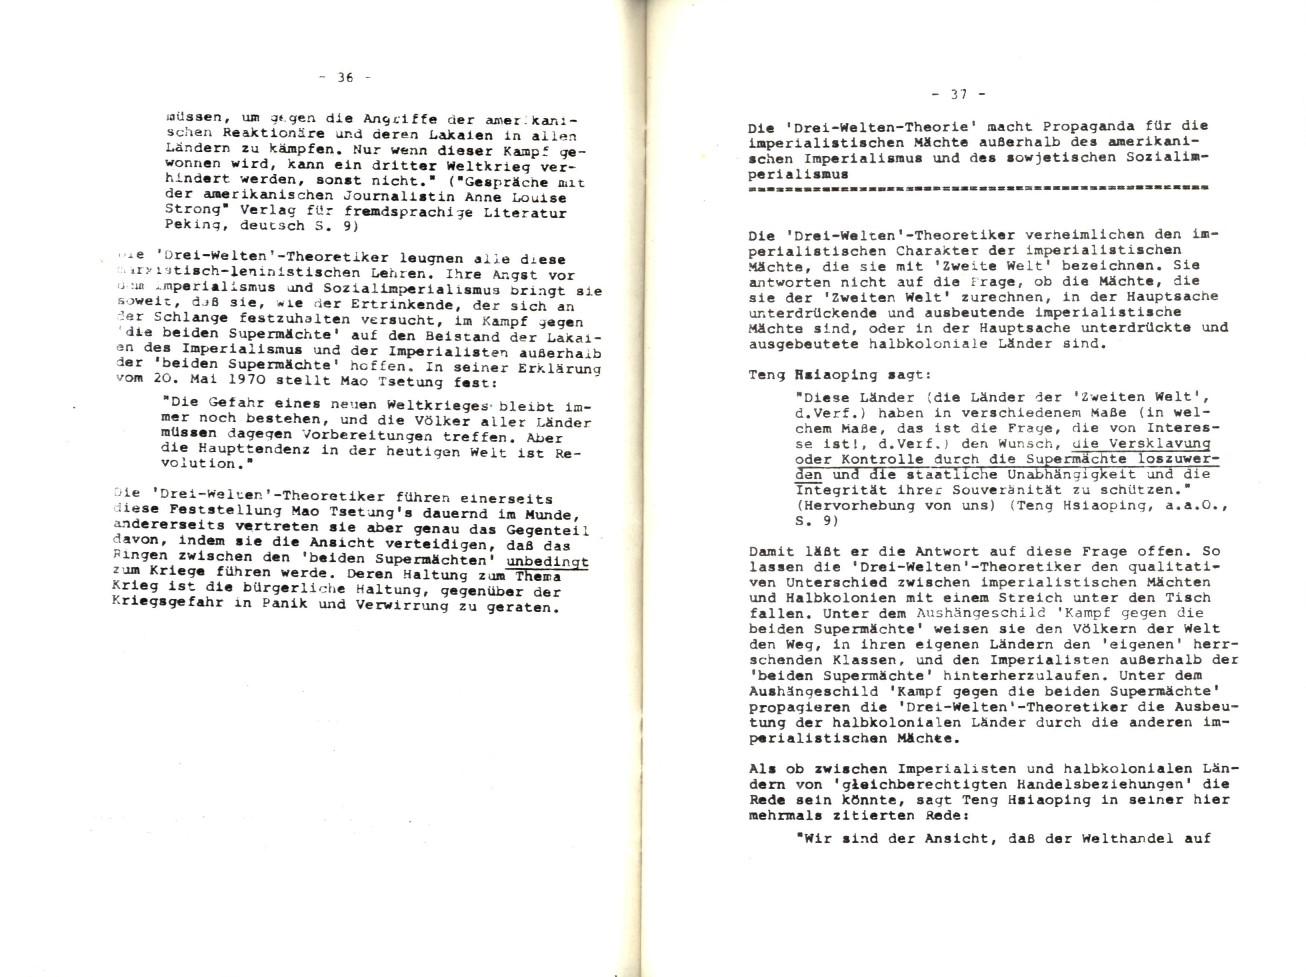 MLSK_Theorie_und_Praxis_des_ML_1978_21_27